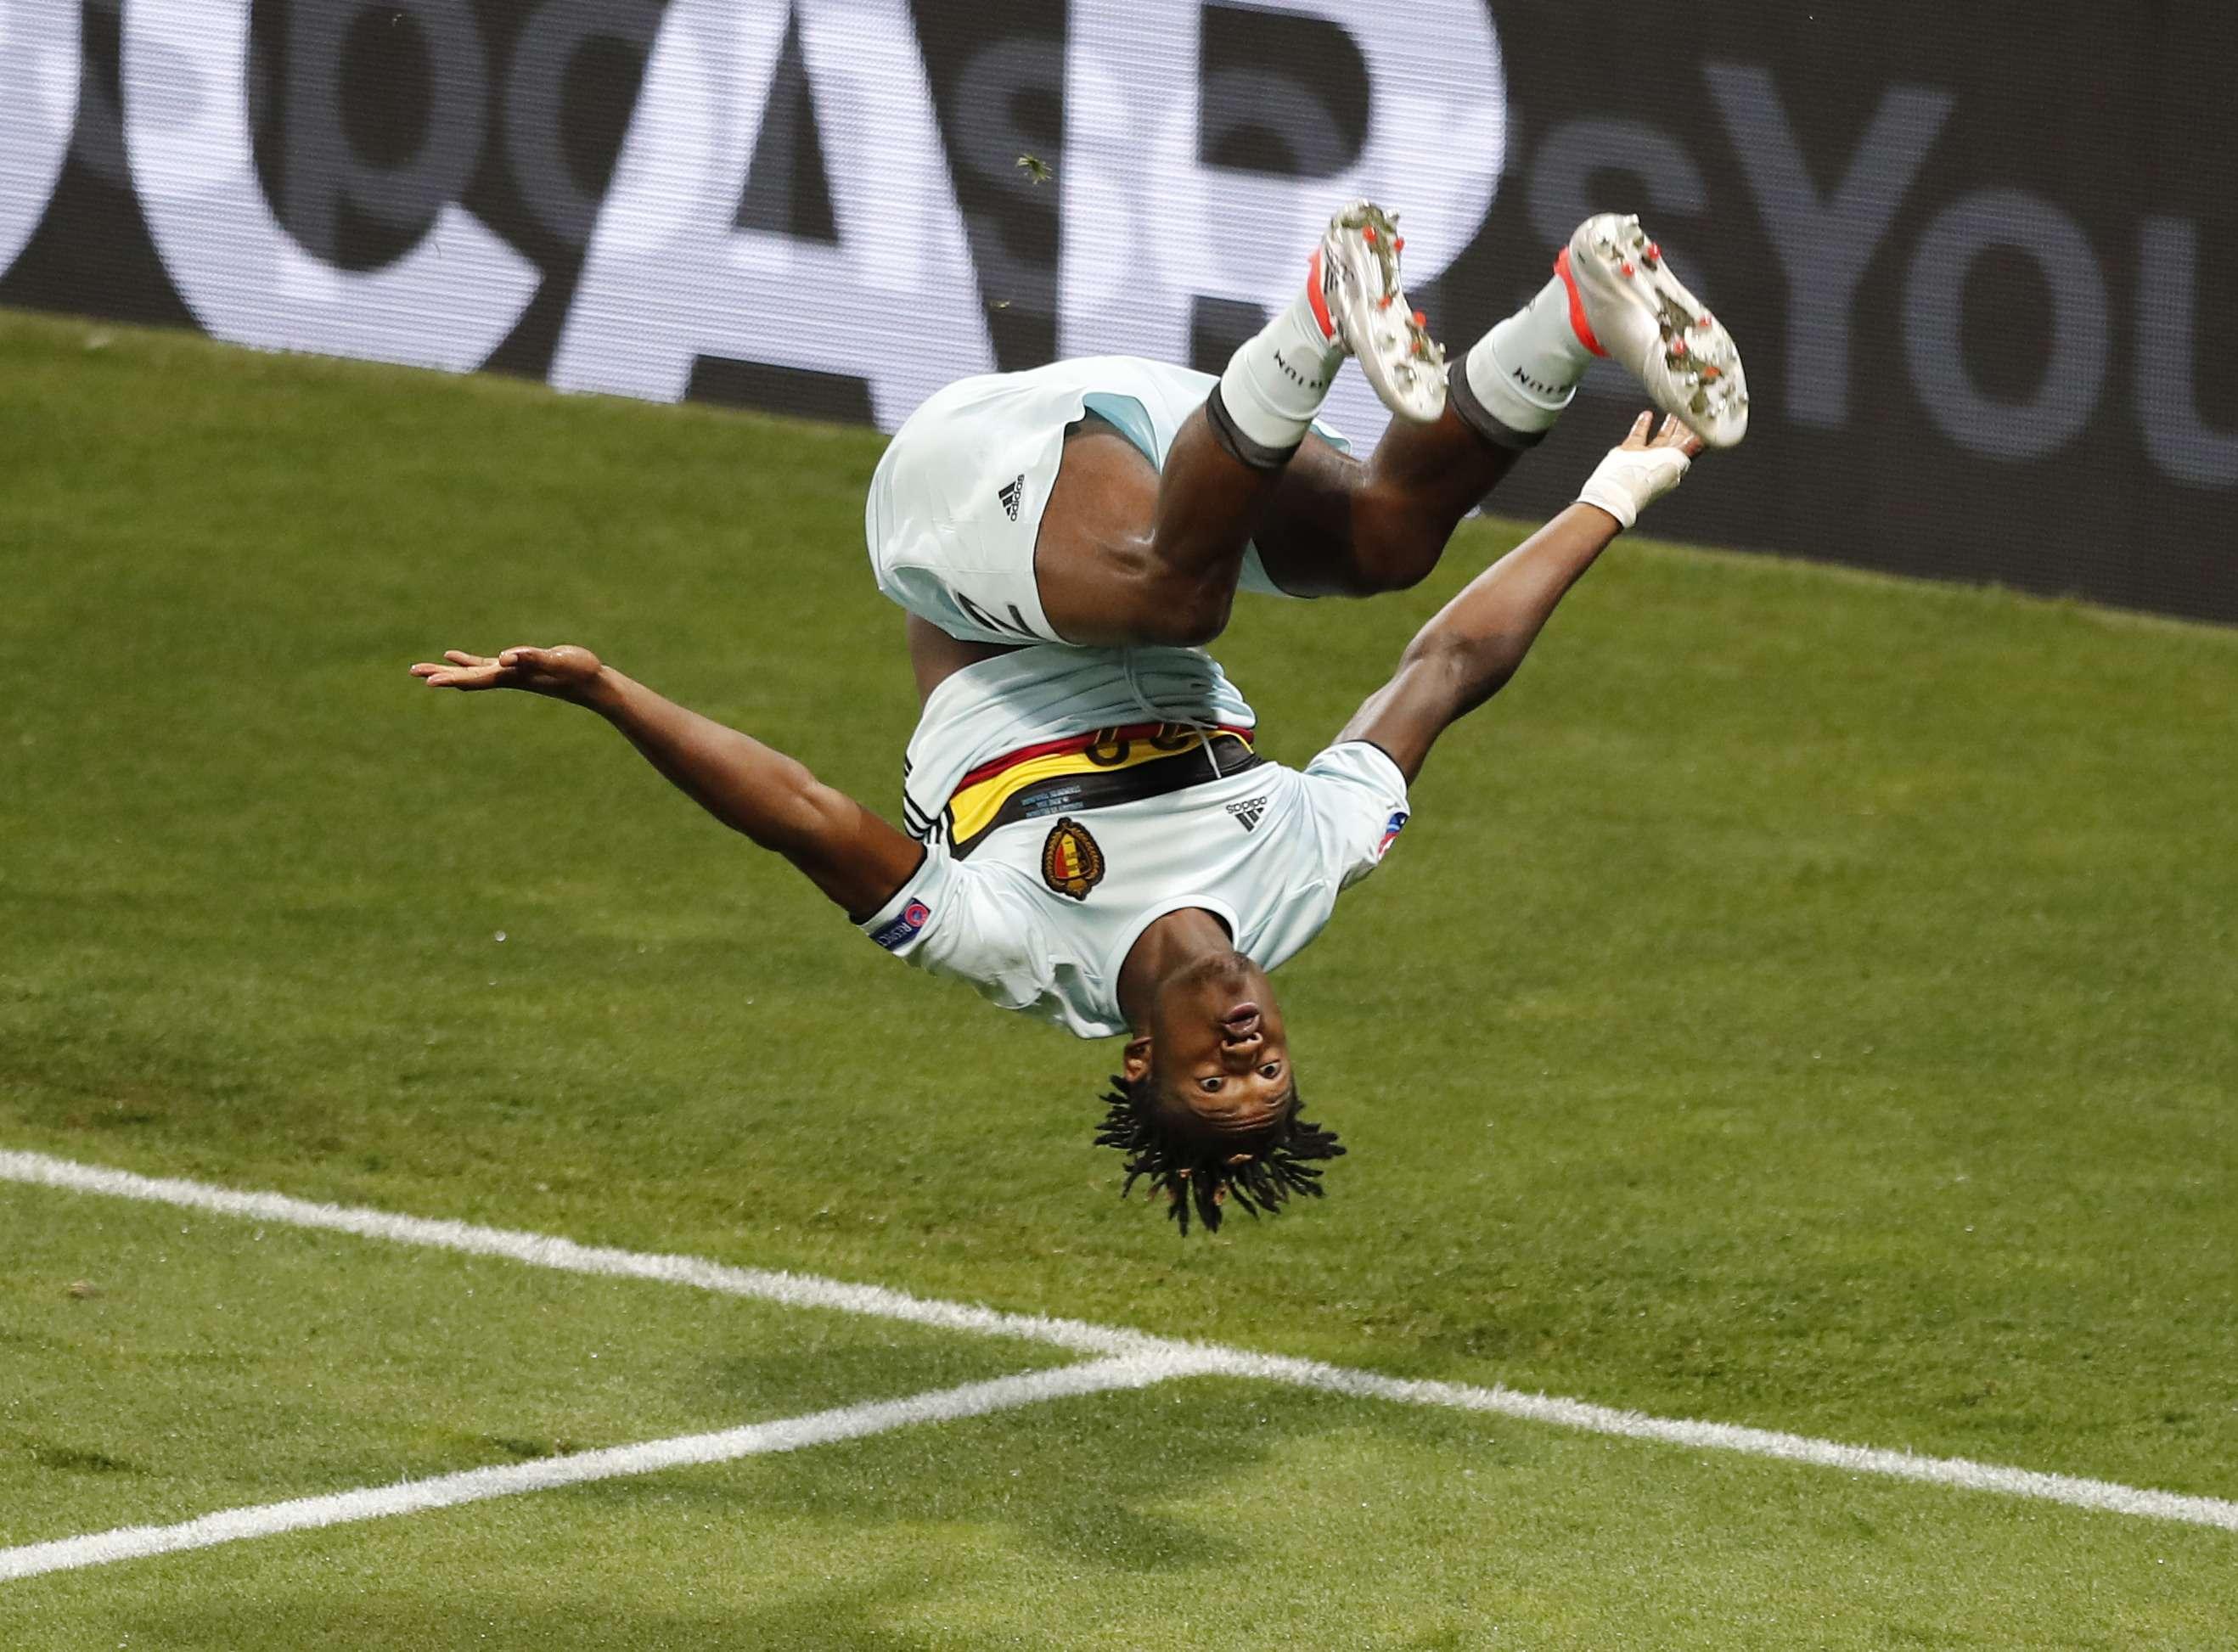 ржачные картинки футбола можете получить